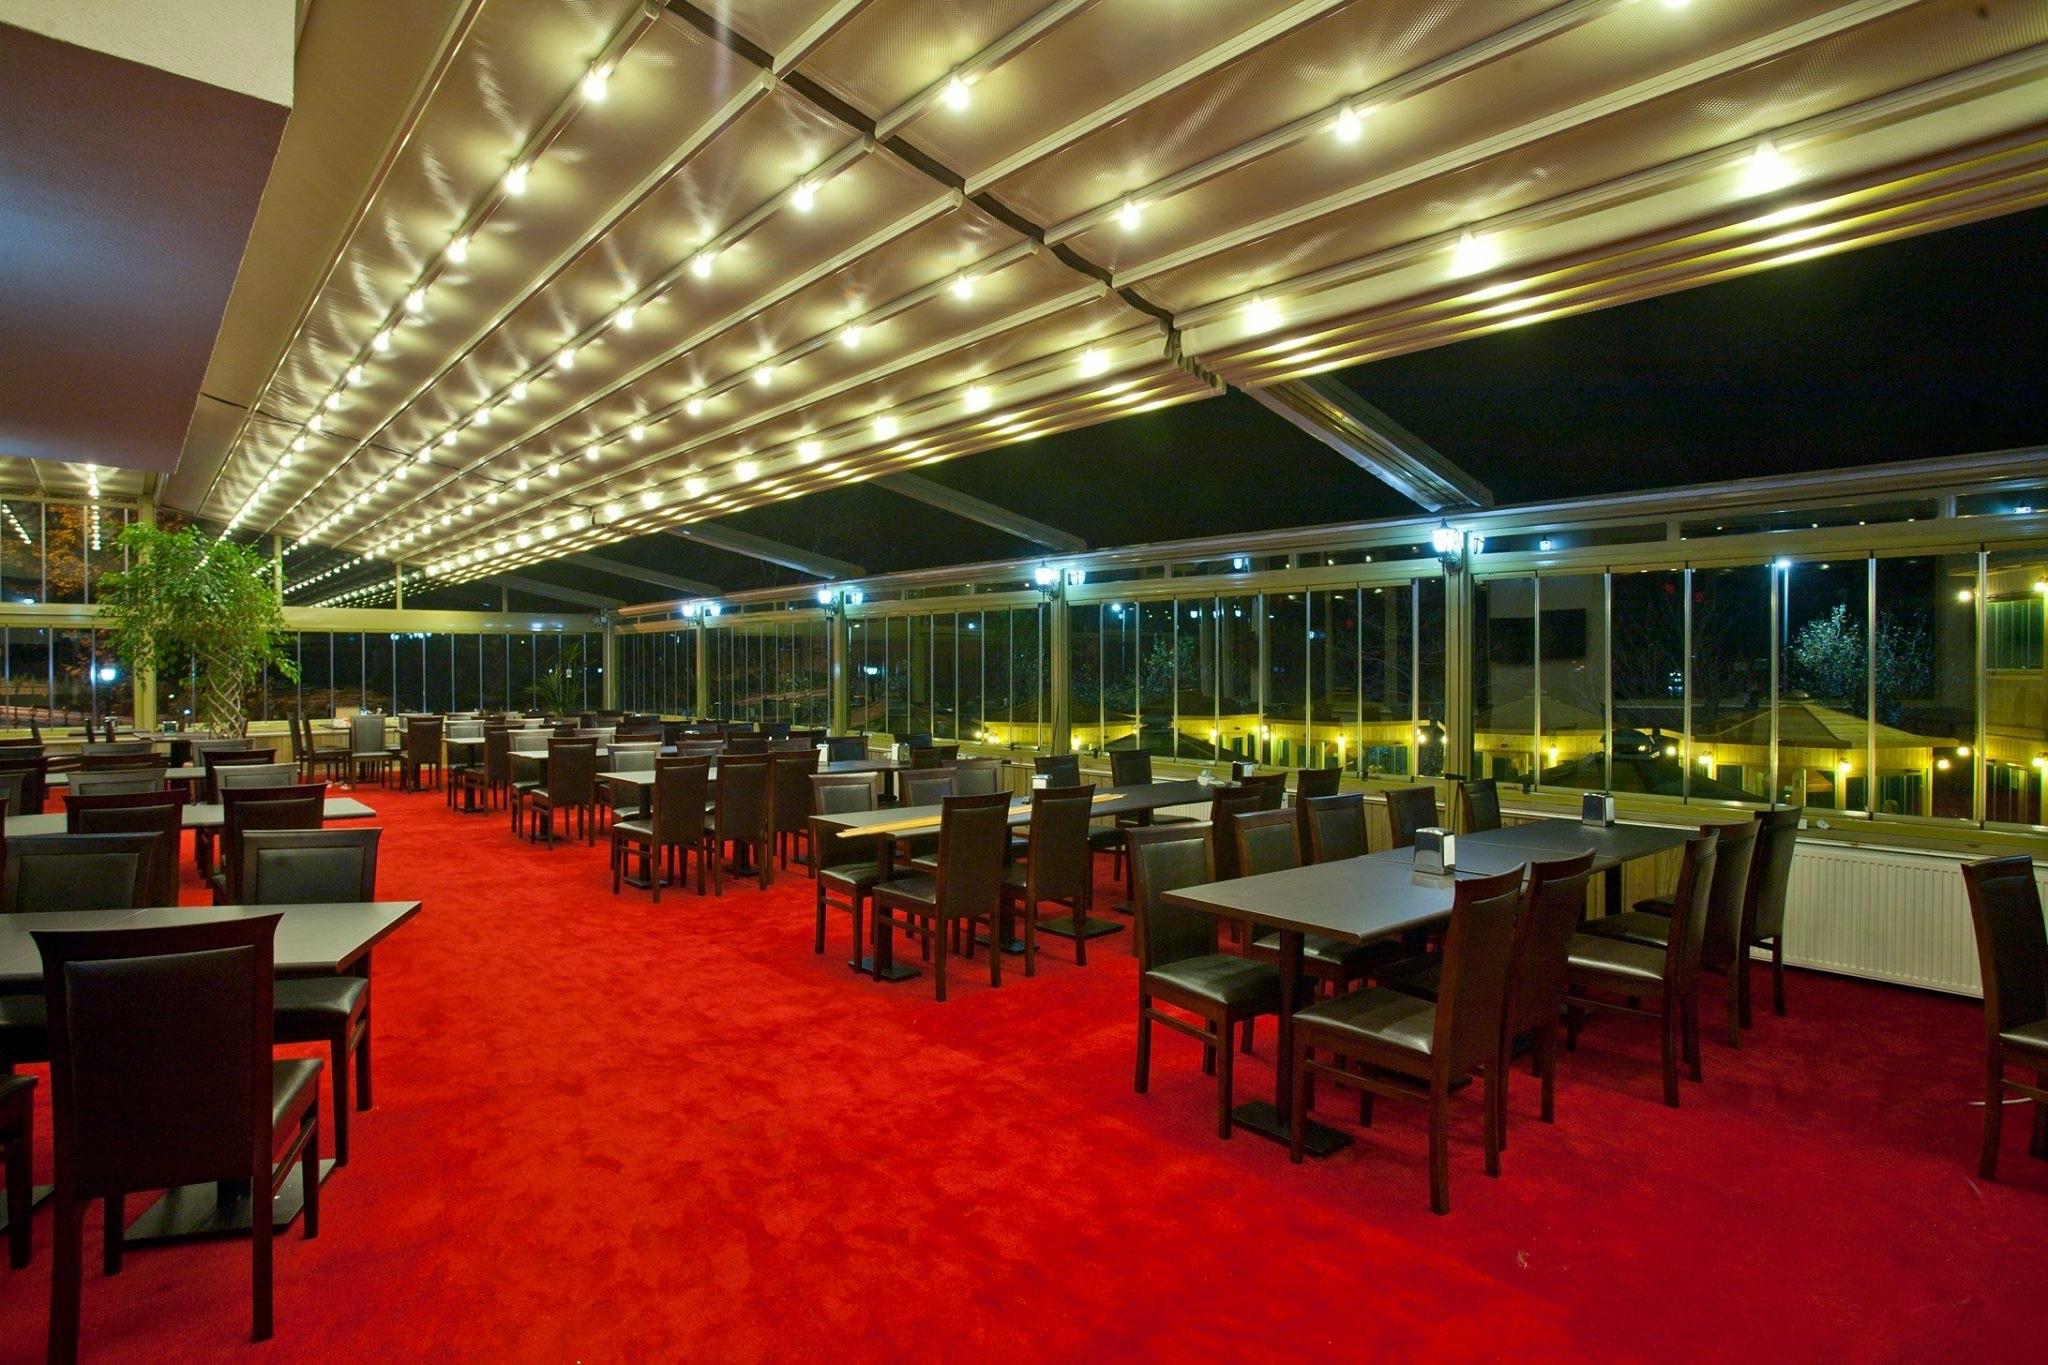 D coration salon classique tunisie 77 fort de france salon classique tissu salon classique - Decoration salon moderne tunisie ...